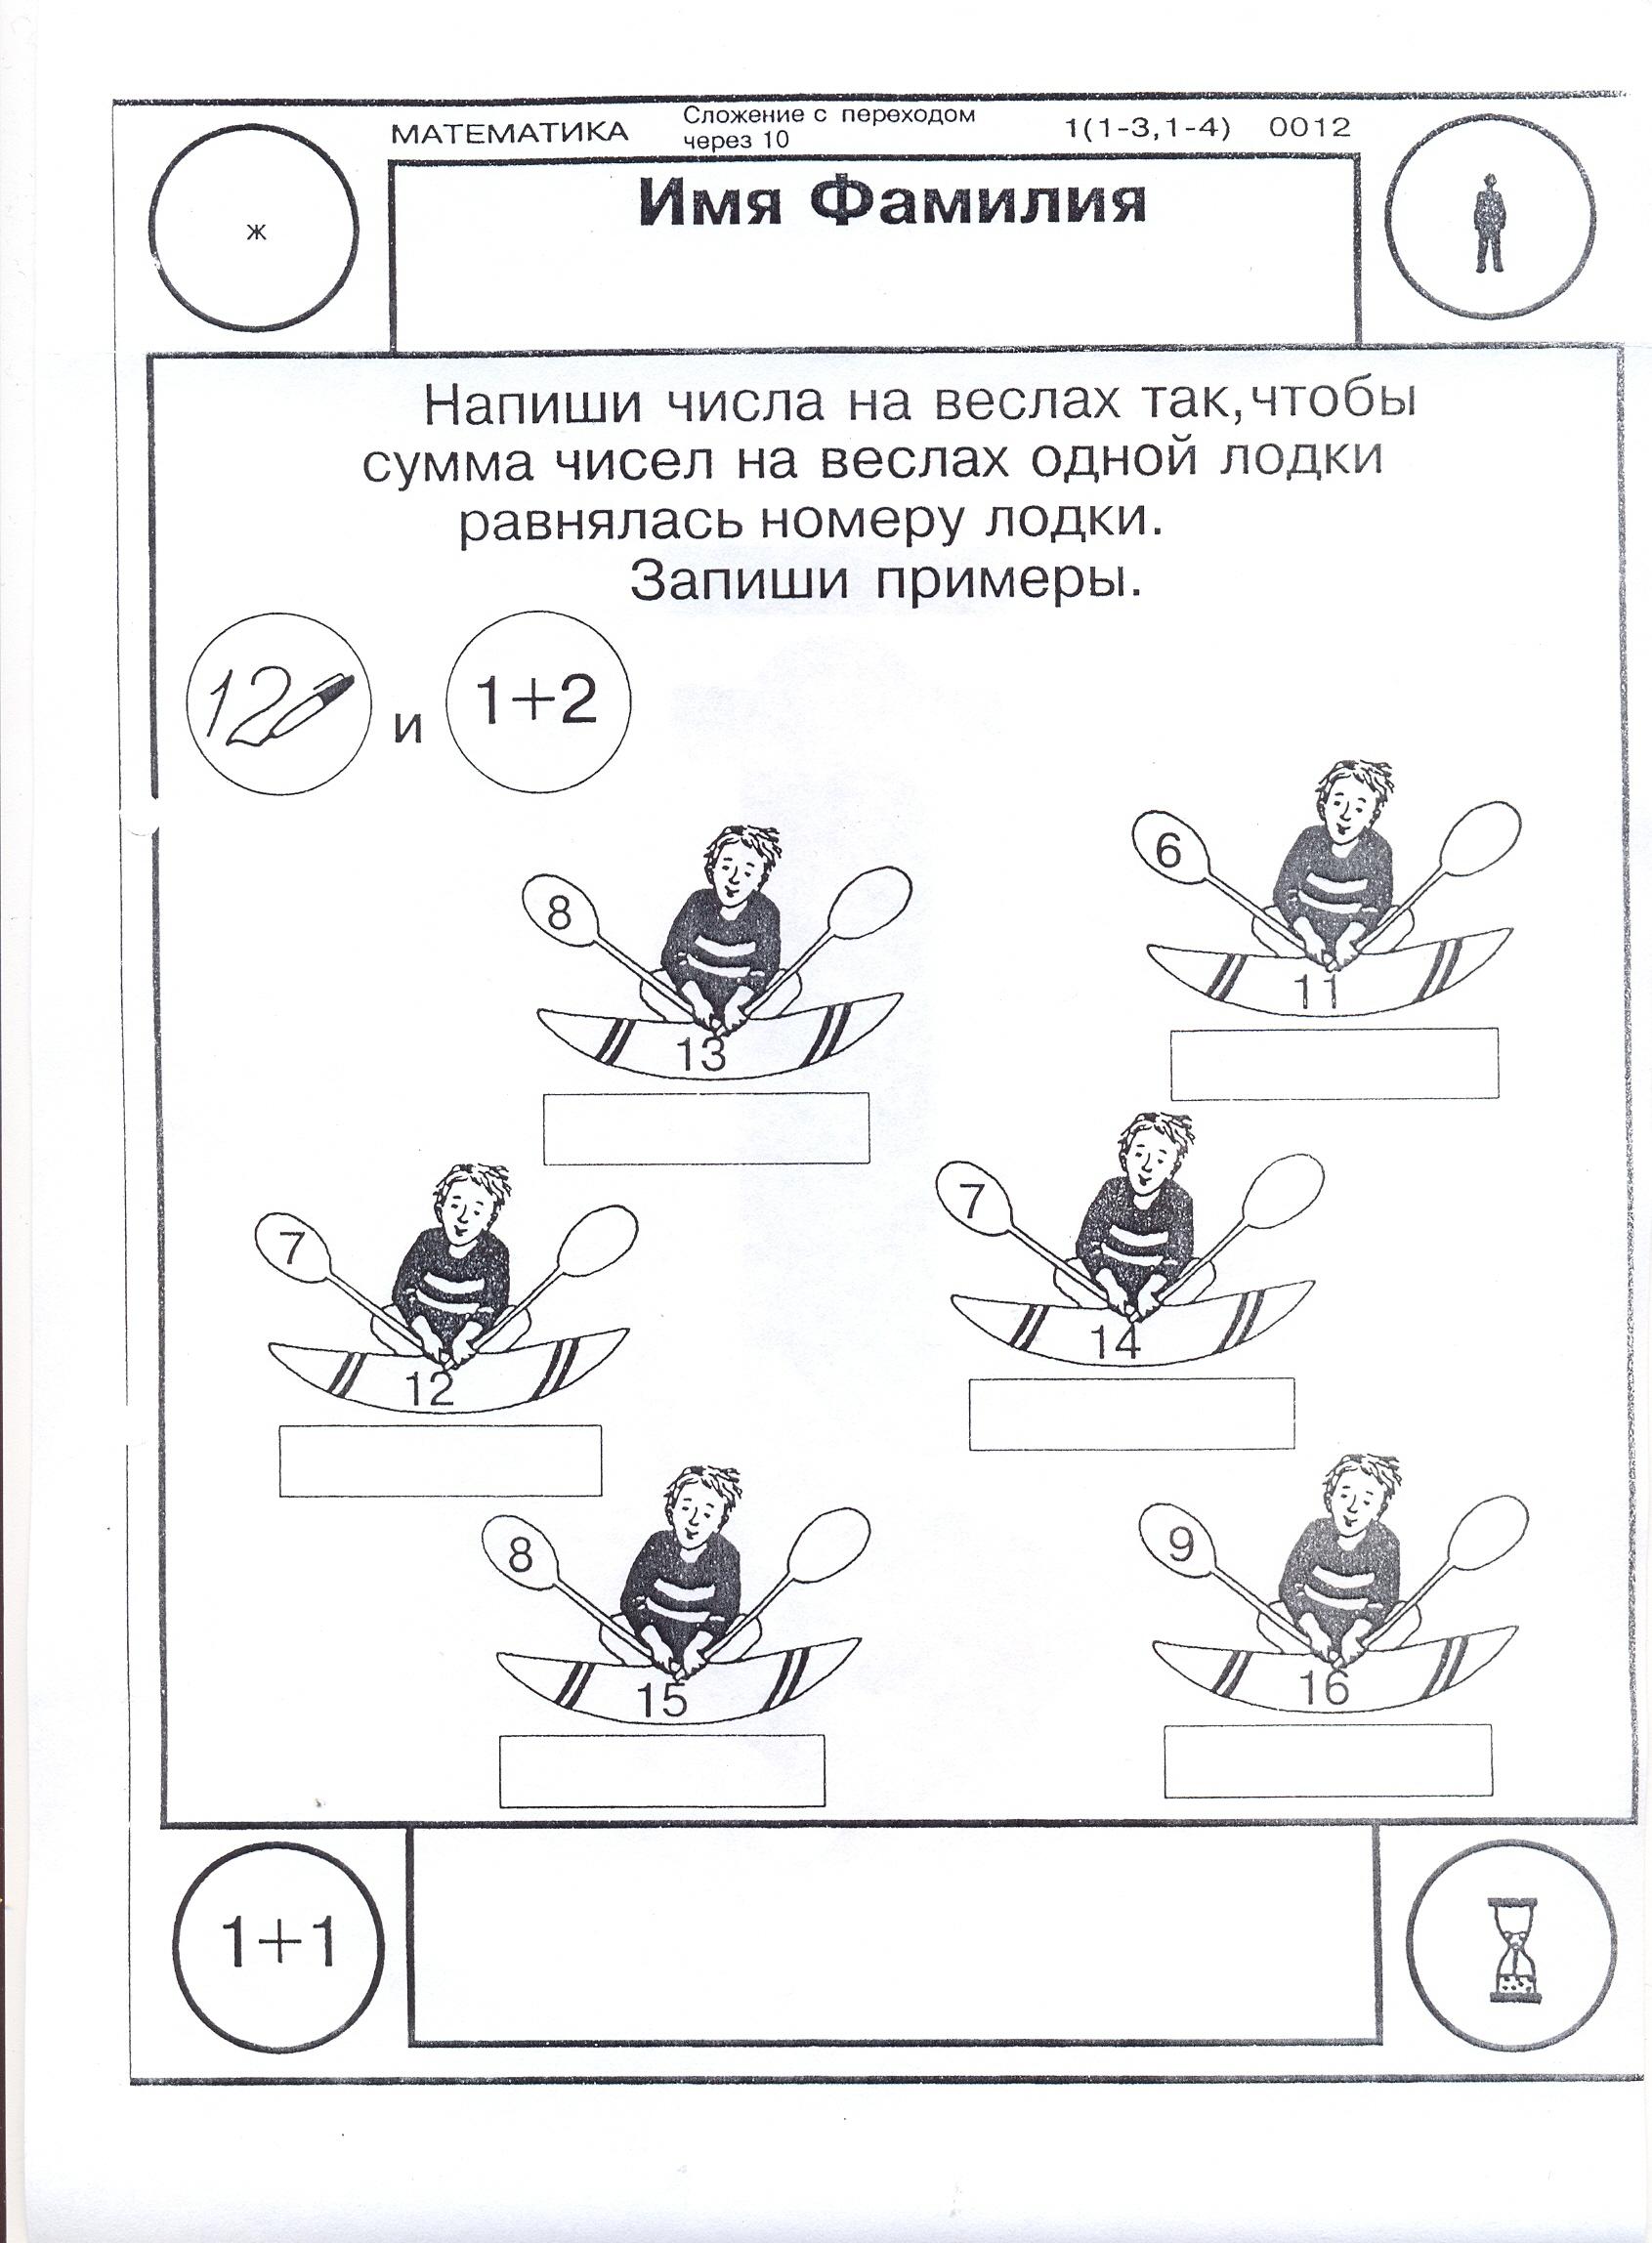 C:\Users\Ирина\Documents\сканирование0004.jpg